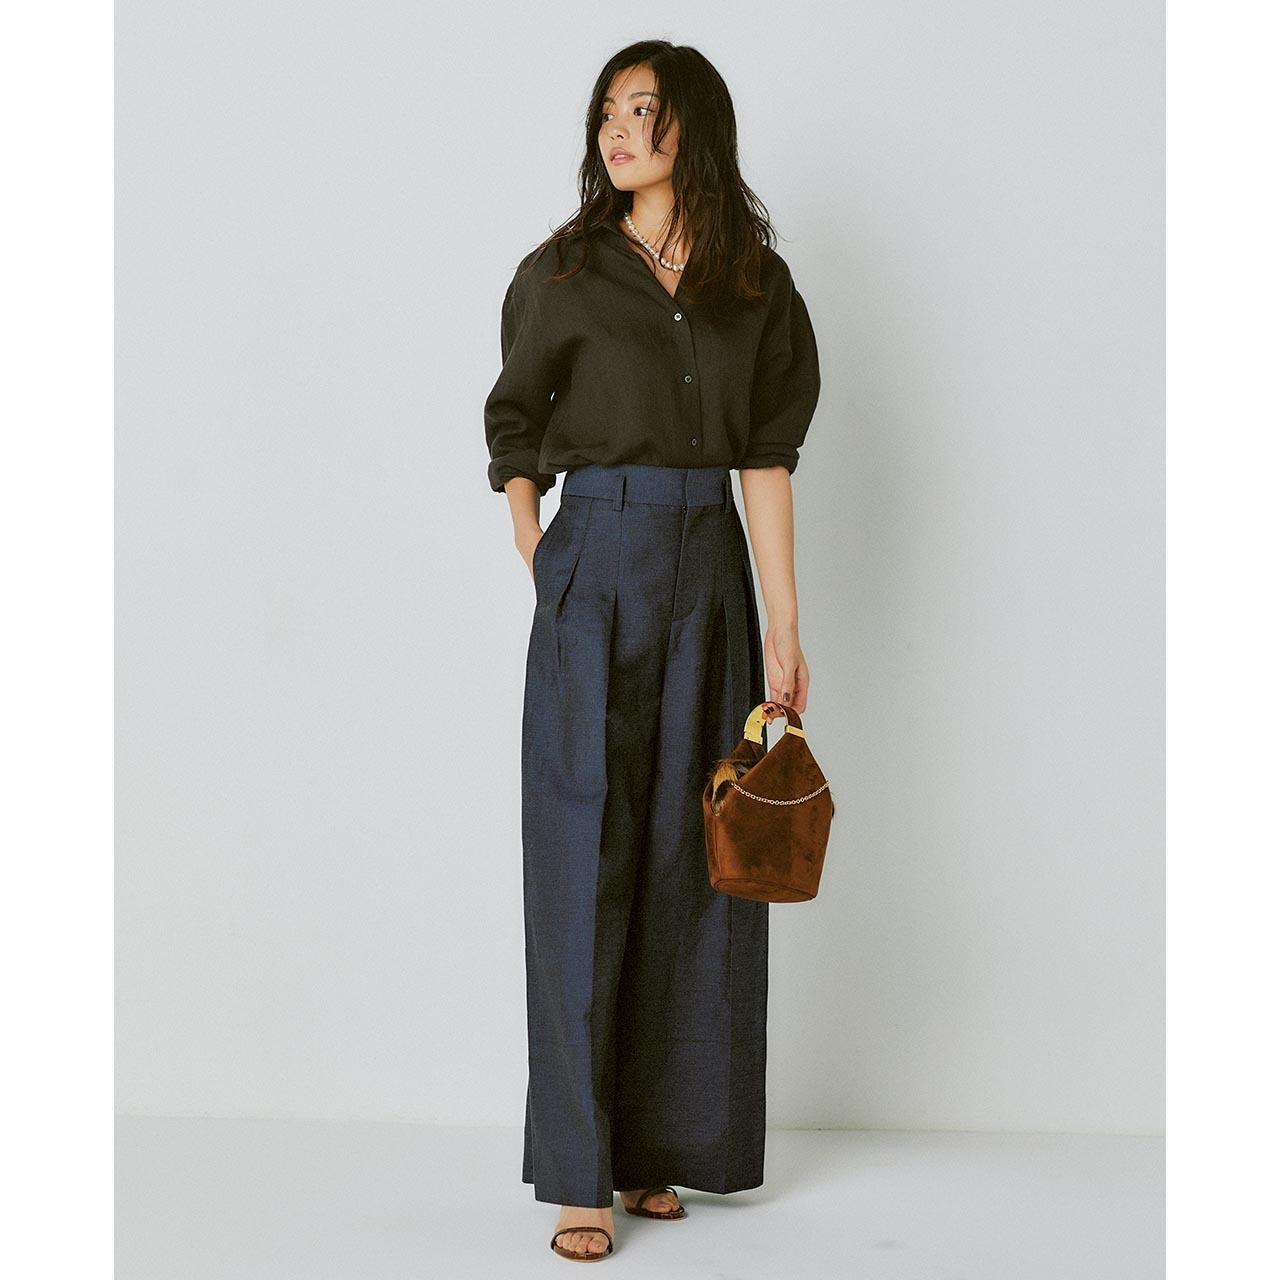 リネンのブラウンシャツ×ネイビーのワイドパンツコーデを着たモデルの矢野未希子さん